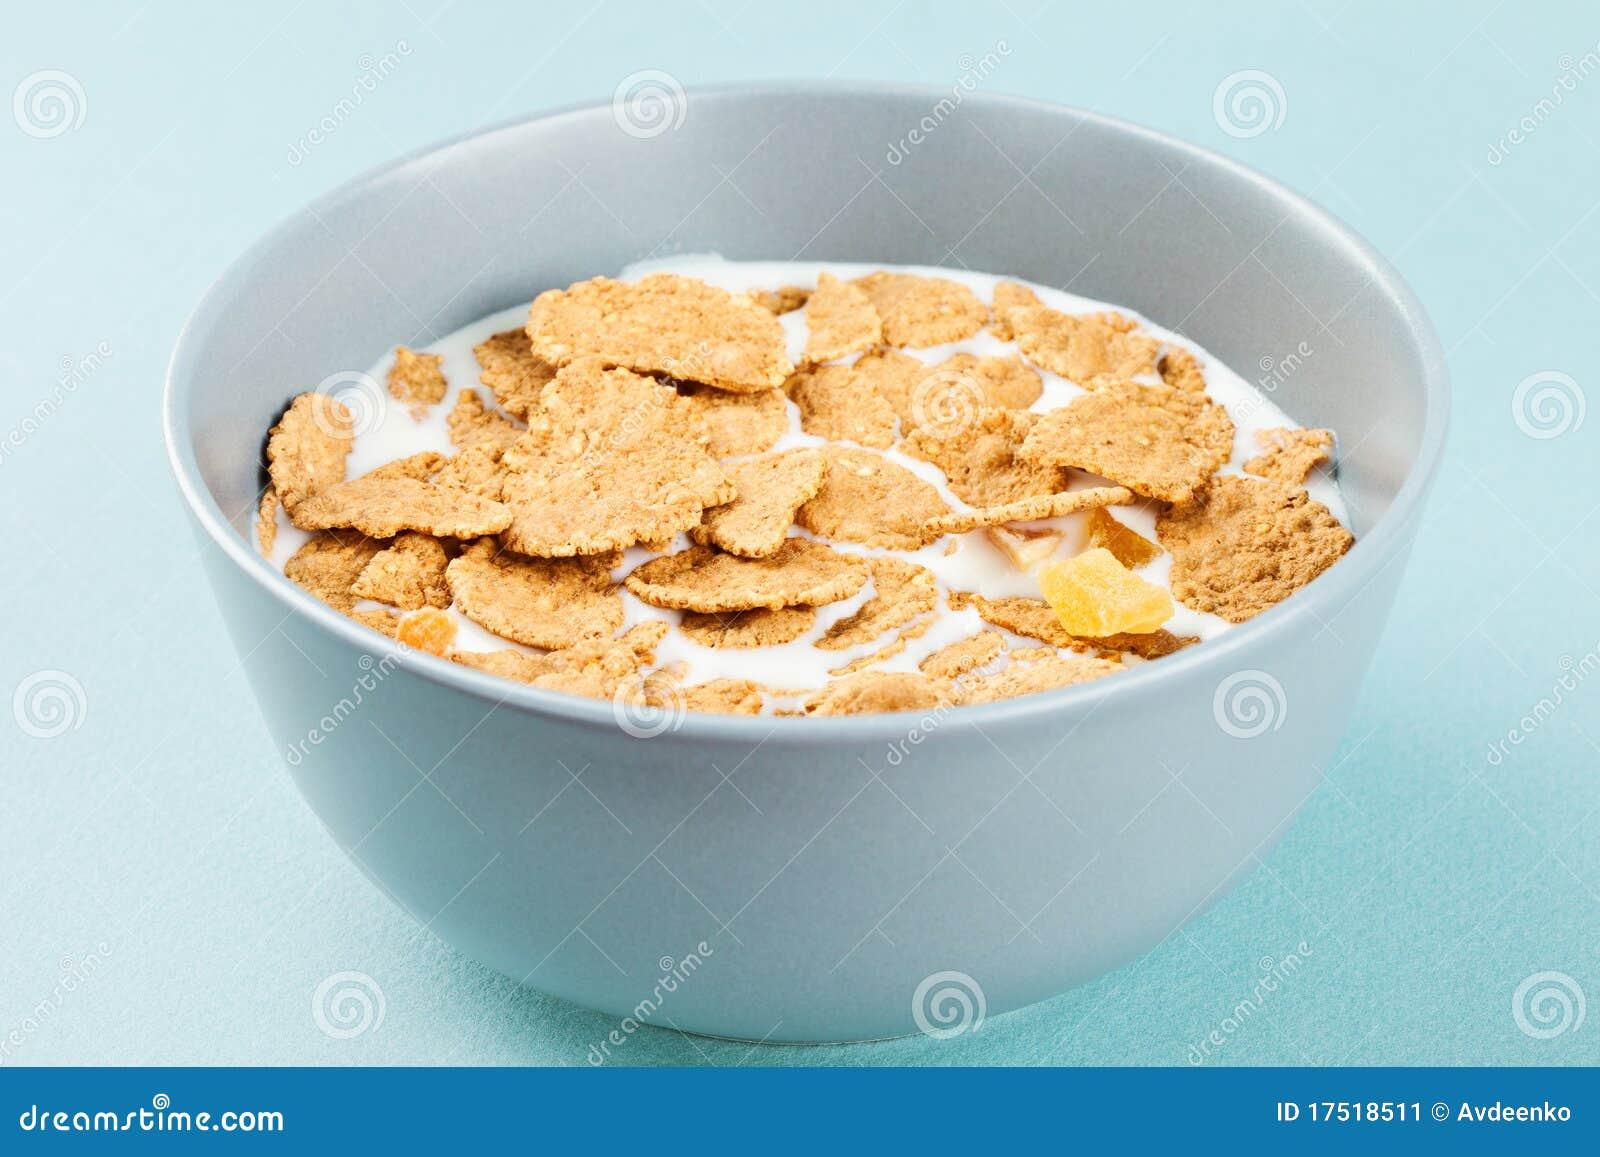 List of breakfast cereals